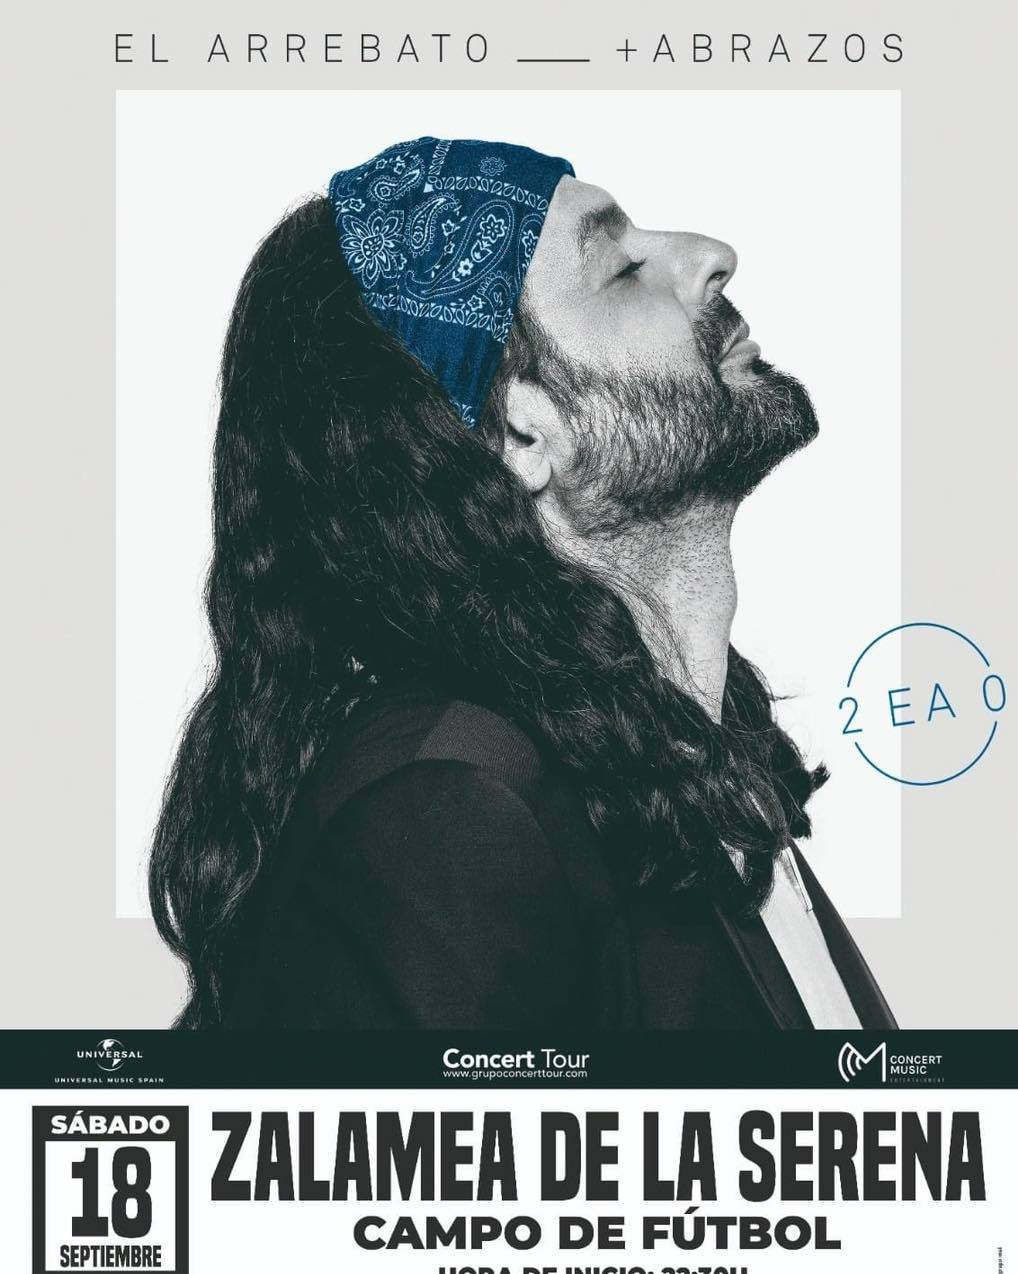 Las entradas para el concierto de El Arrebato únicamente se pueden adquirir de forma online